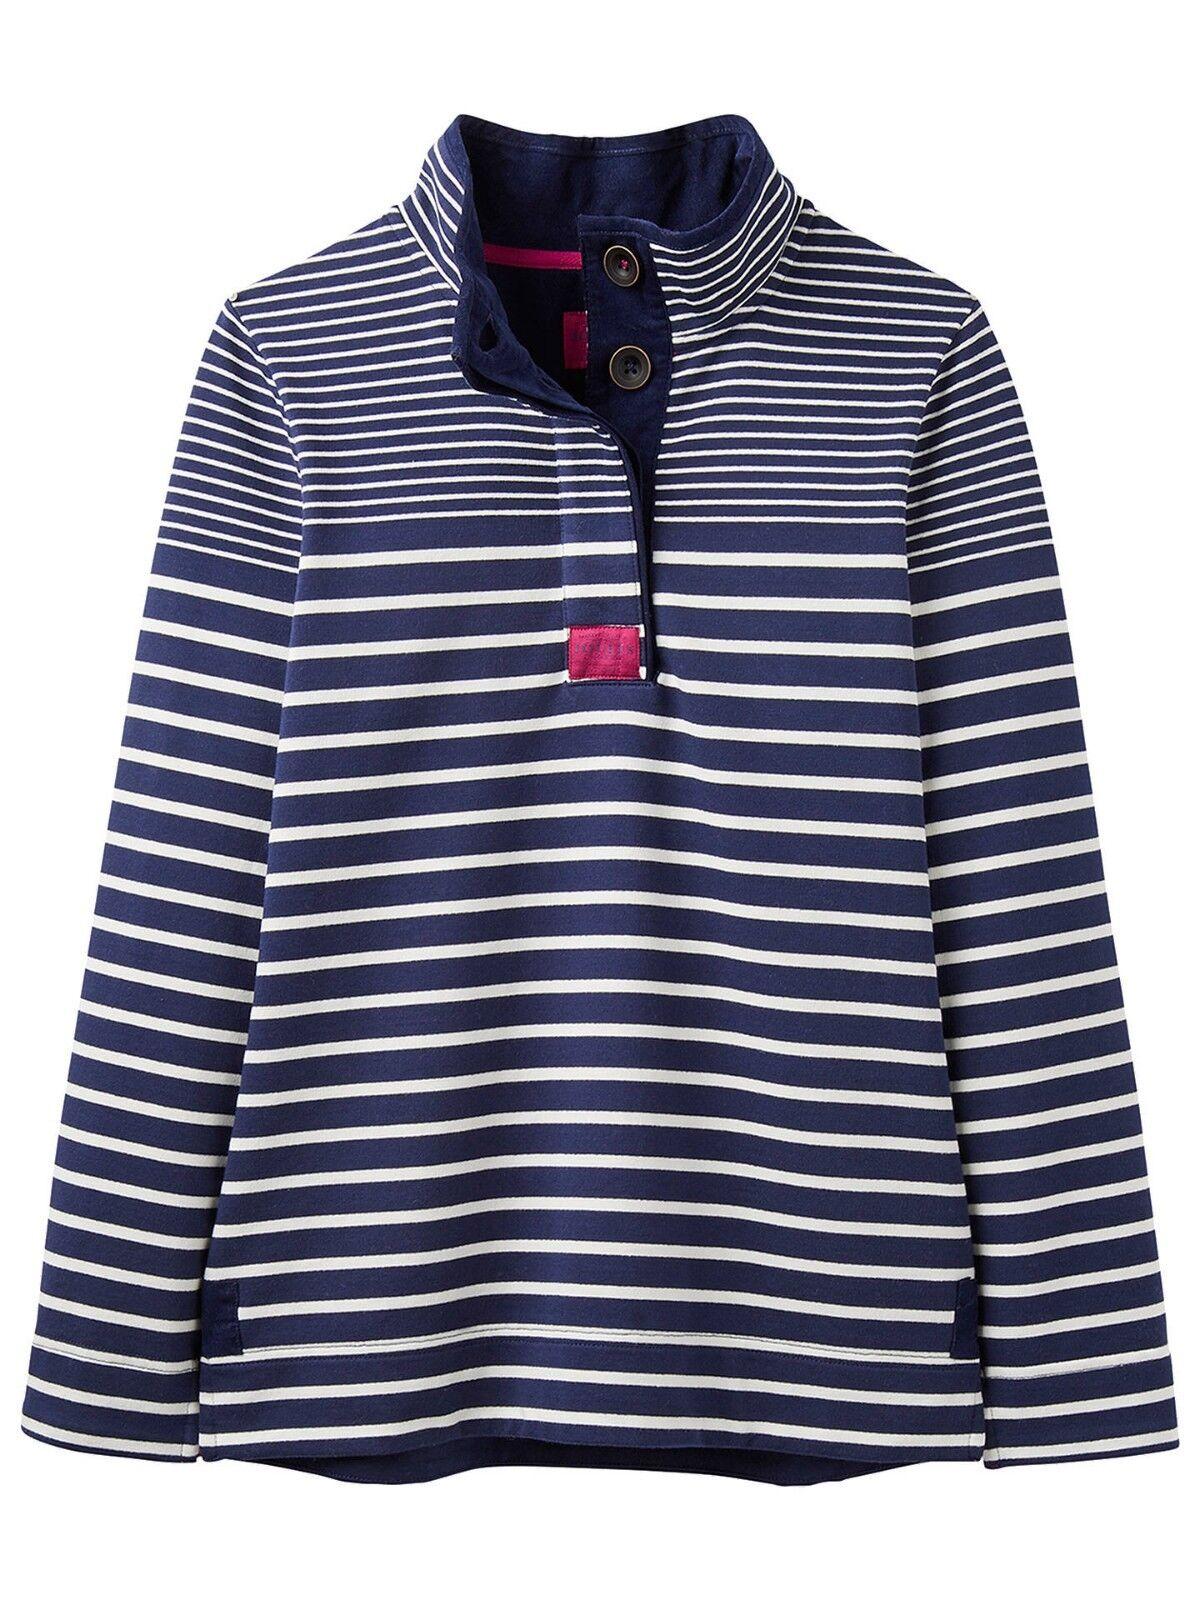 Joules Saunton Funnel Neck Sweatshirt - Navy & Weiß Stripe - Various Größes